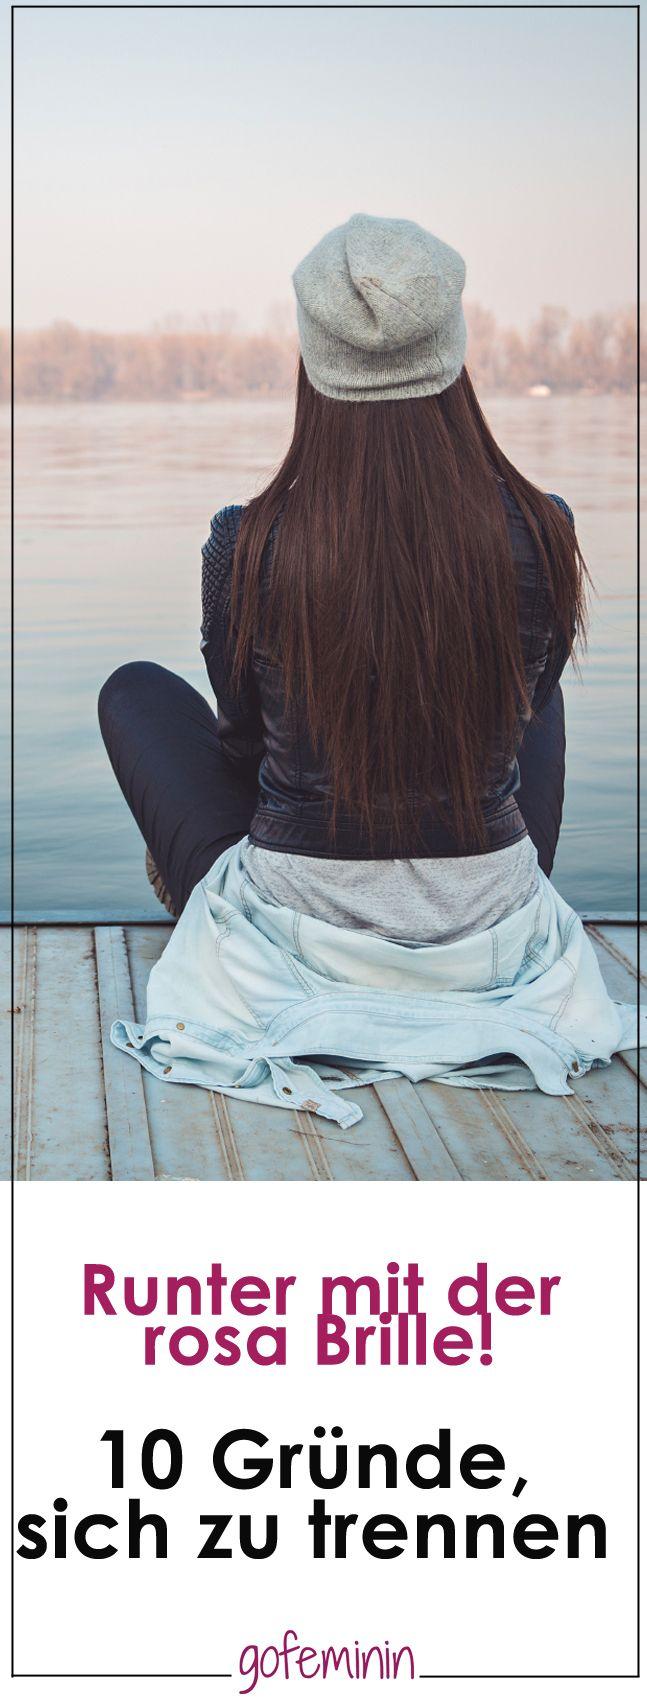 Manchmal gibt es leider keine andere Lösung. http://www.gofeminin.de/liebe/schluss-machen-d40178.html